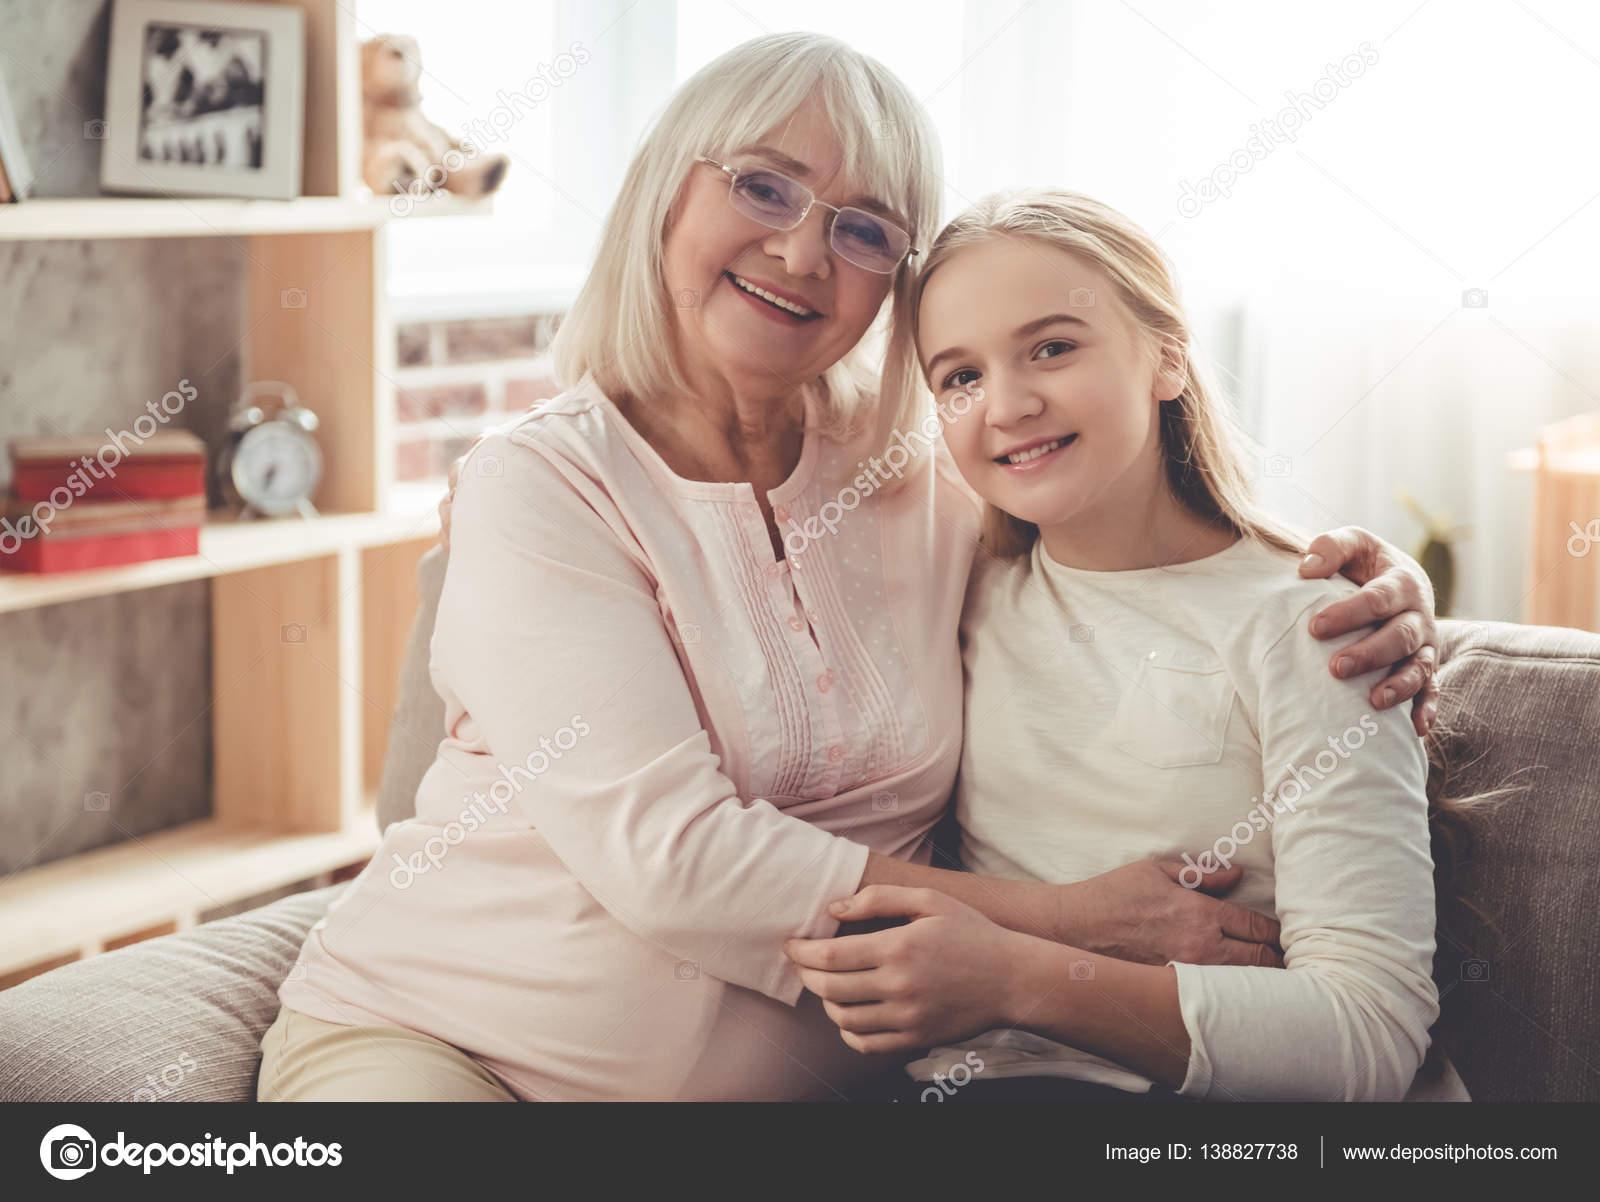 Oma und Enkelin im Fickrausch